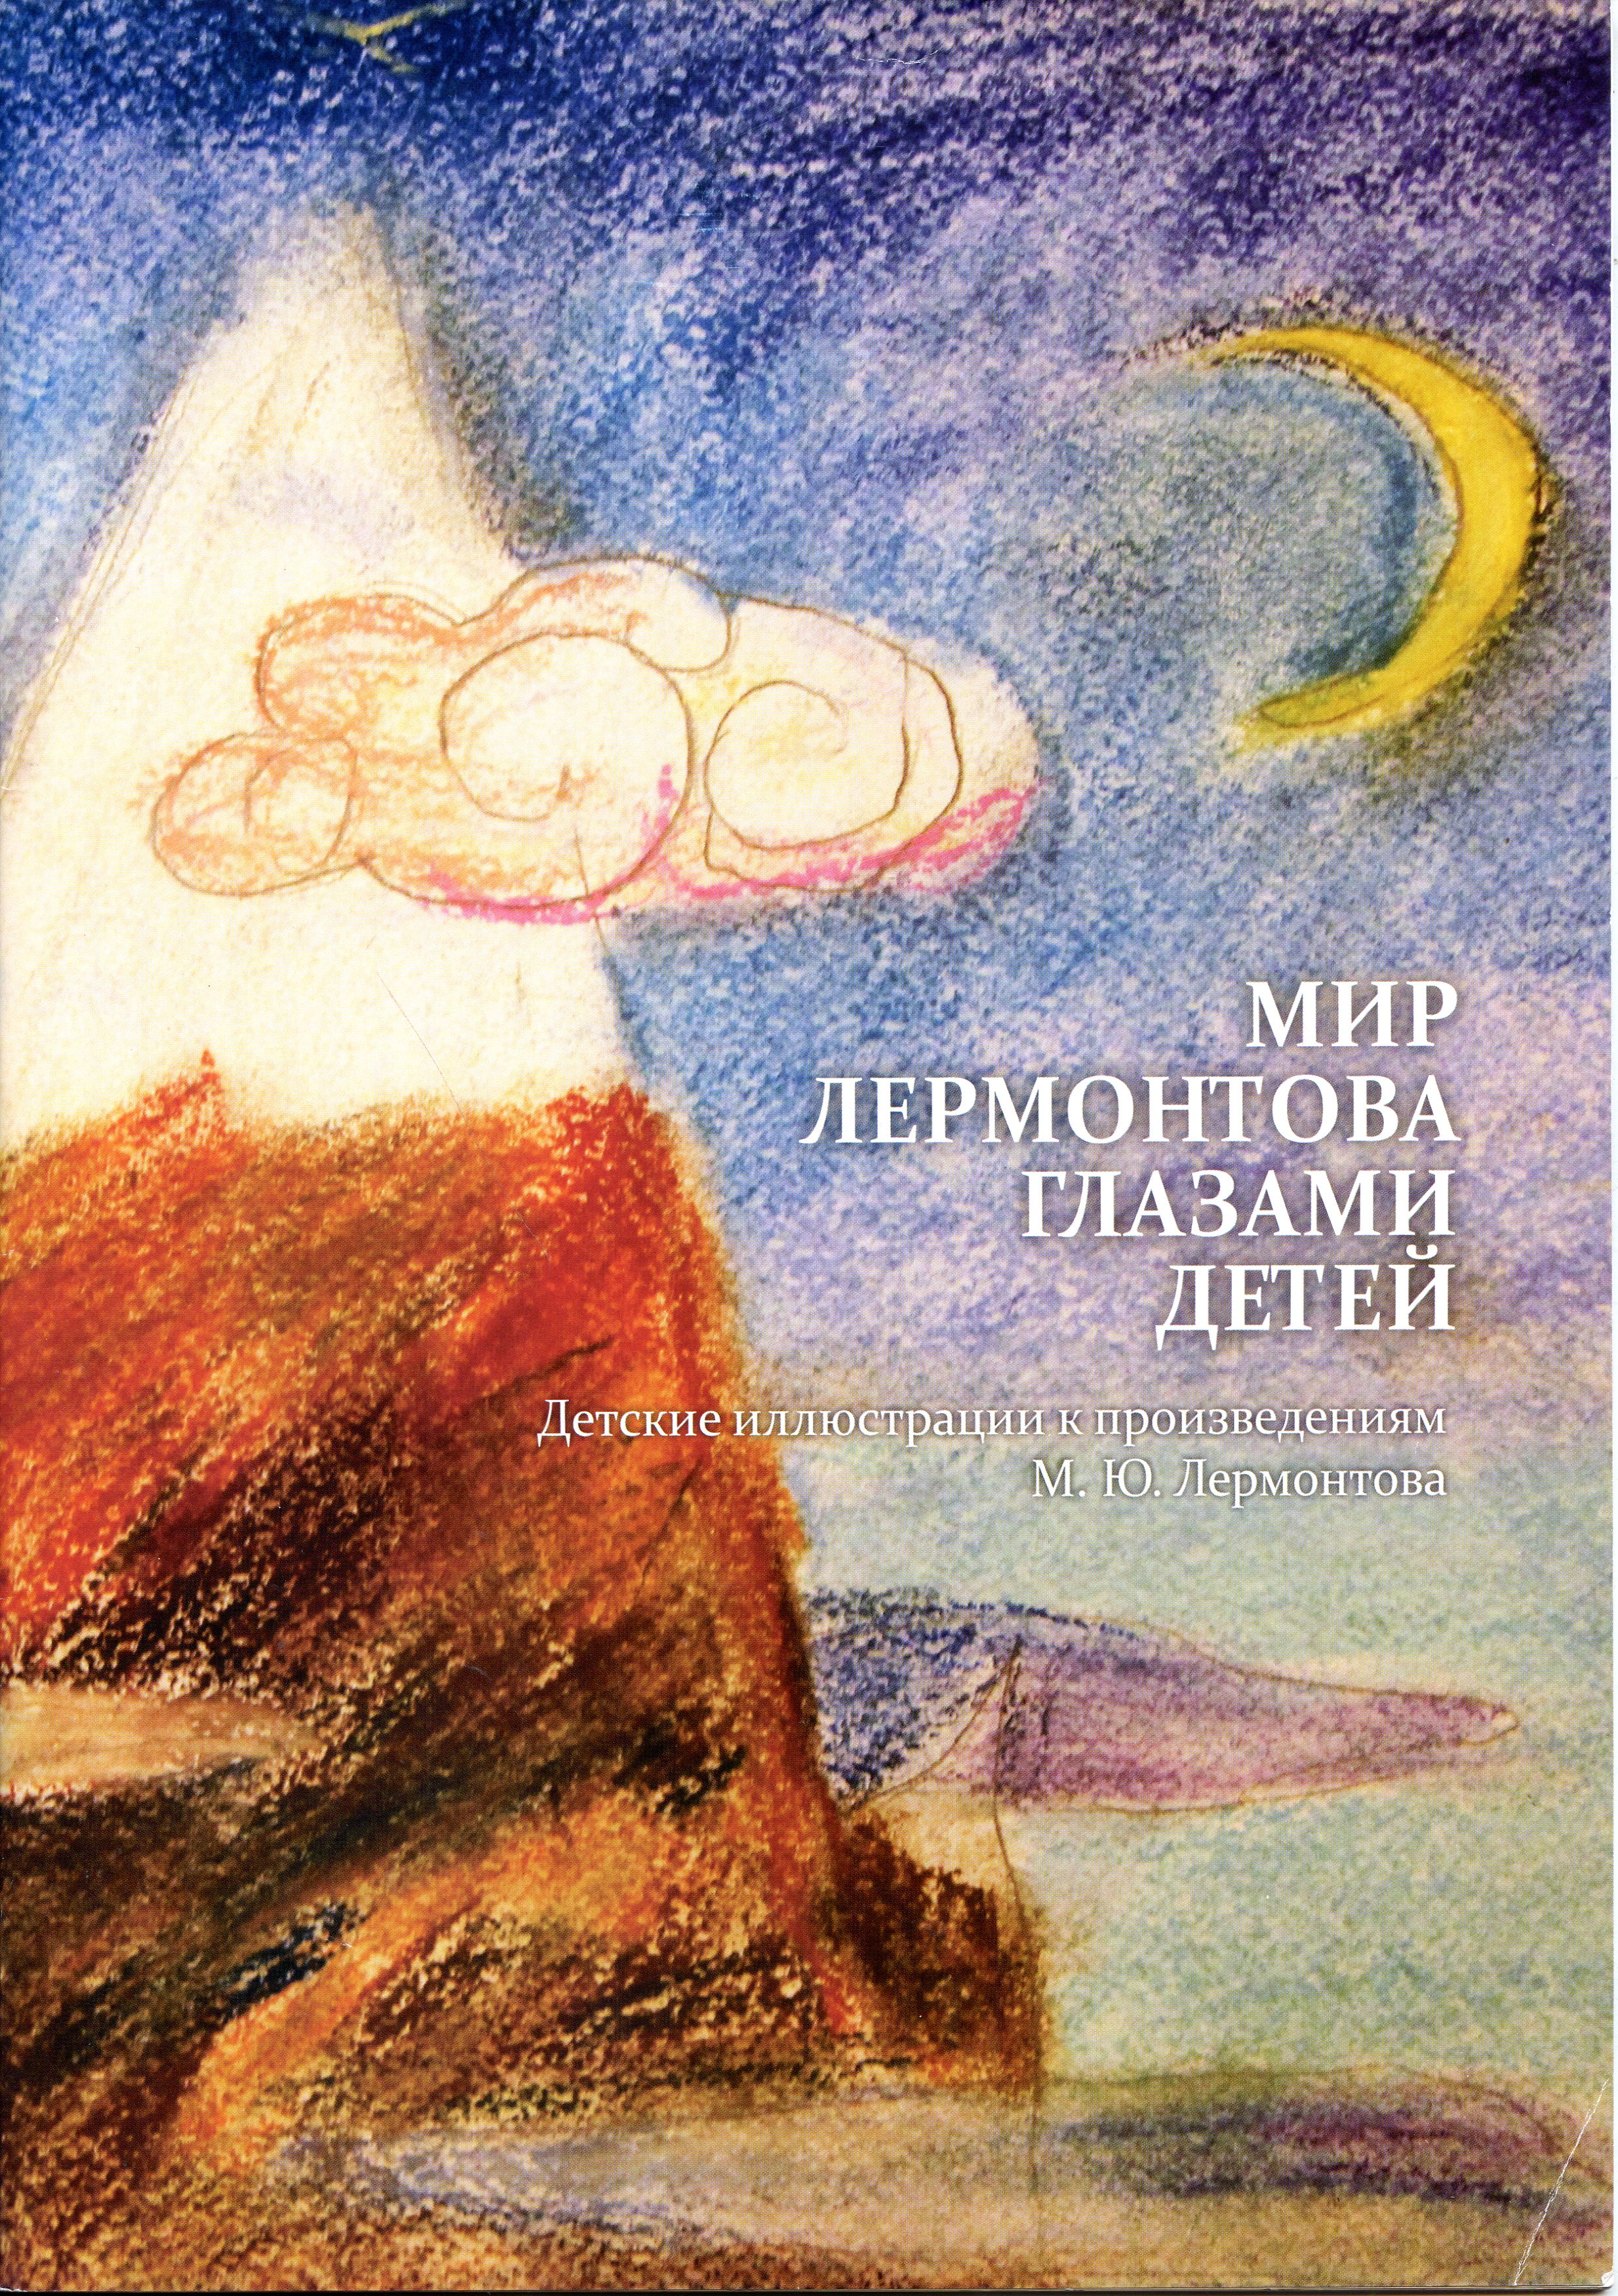 санкт петербург,книги детям донбасса,книжный лес,новые книги,донецкая республиканская библиотека для детей